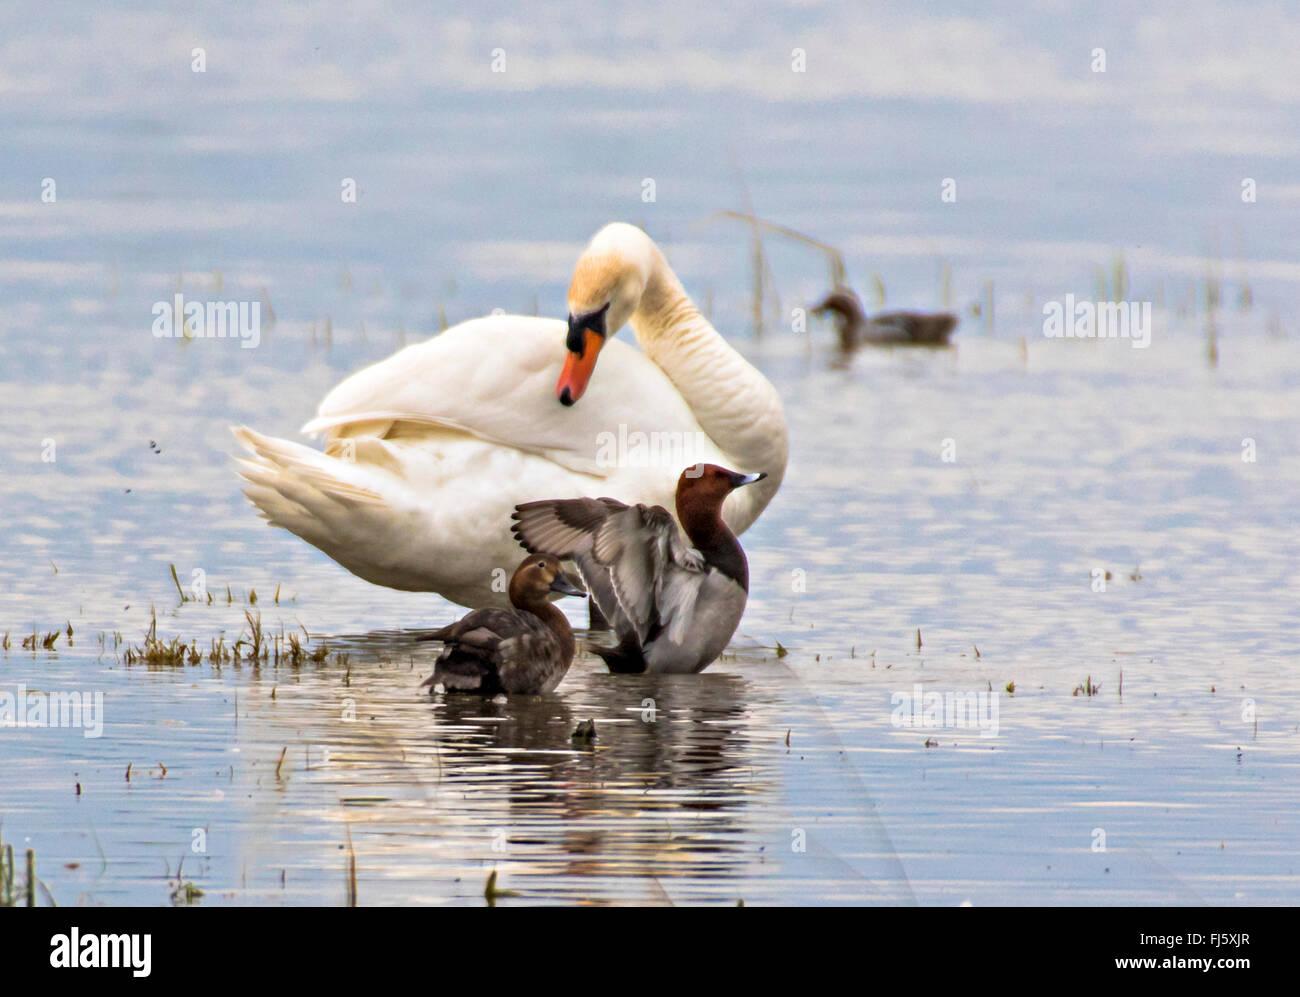 Mute swan (Cygnus olor), Cygne muet et Fuligules paire, Aythya ferina, Autriche, Burgenland Banque D'Images